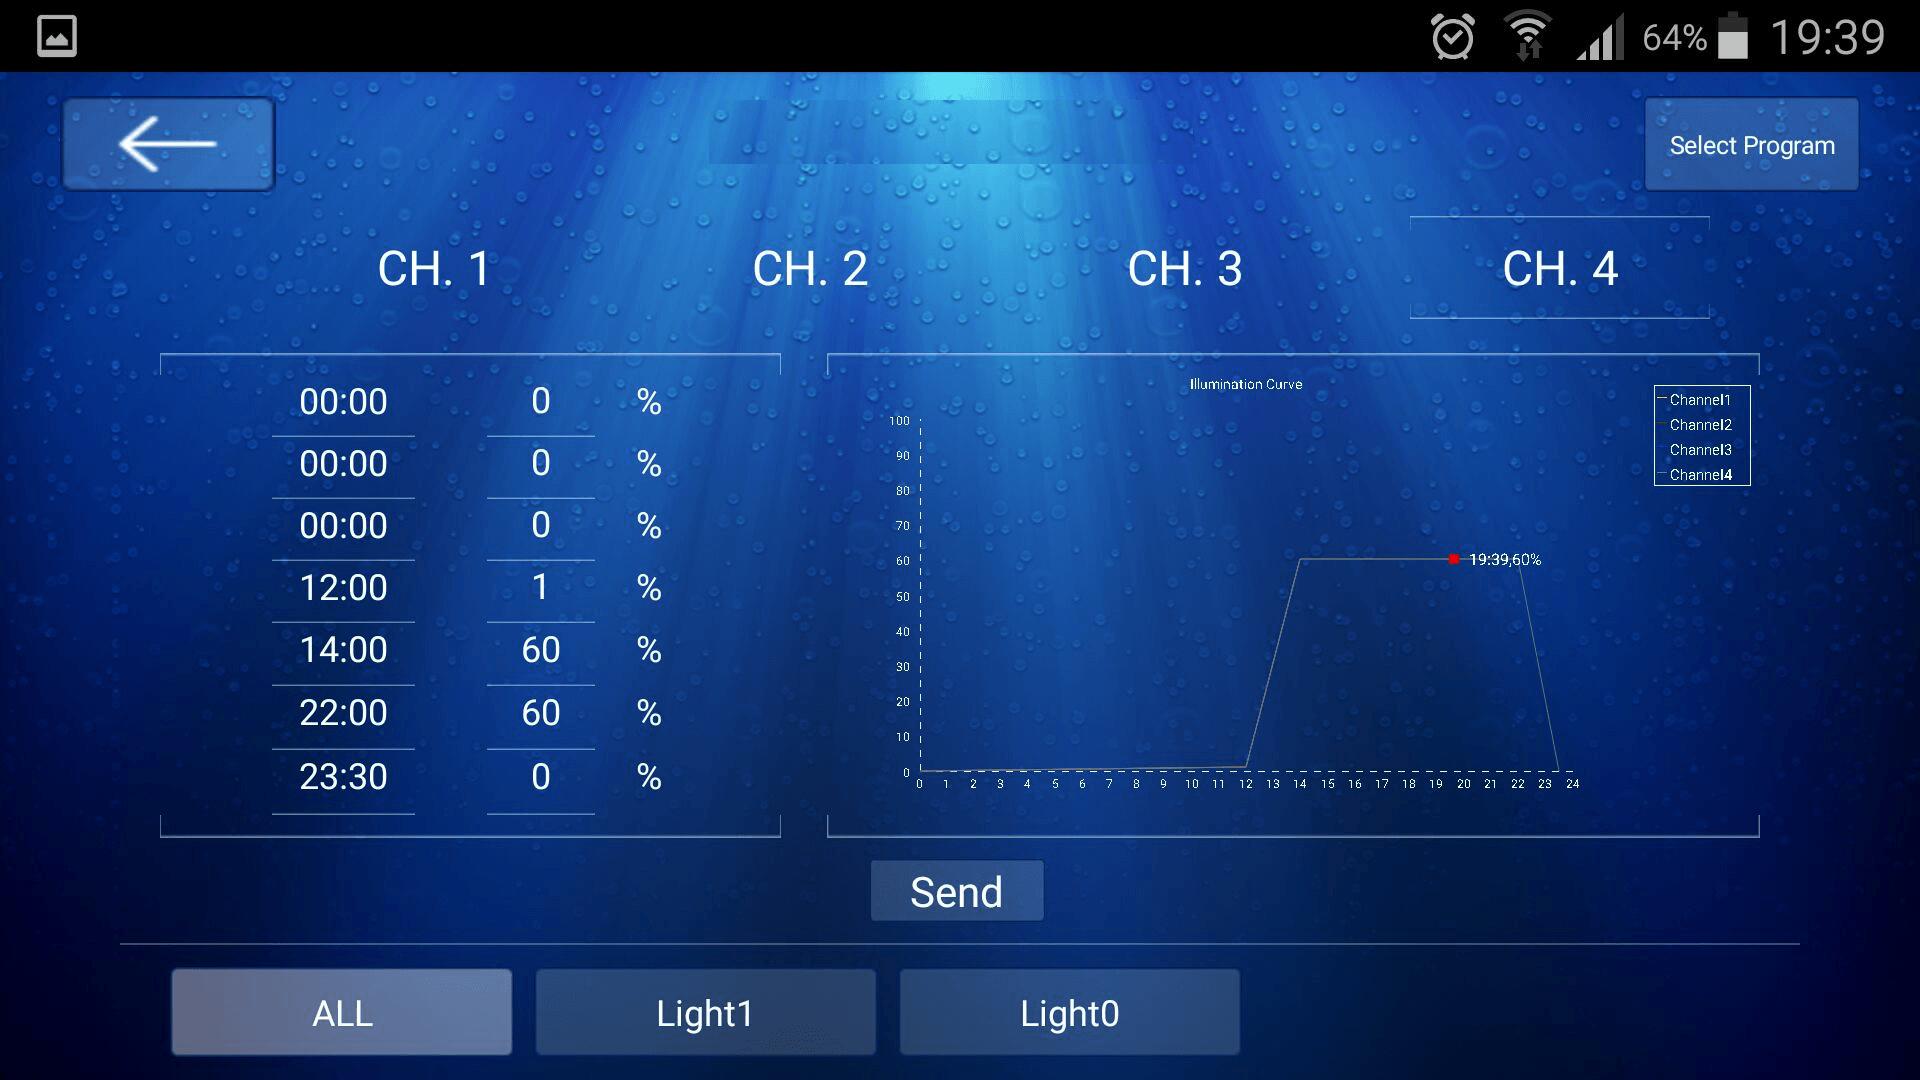 orphek_app_ch_4